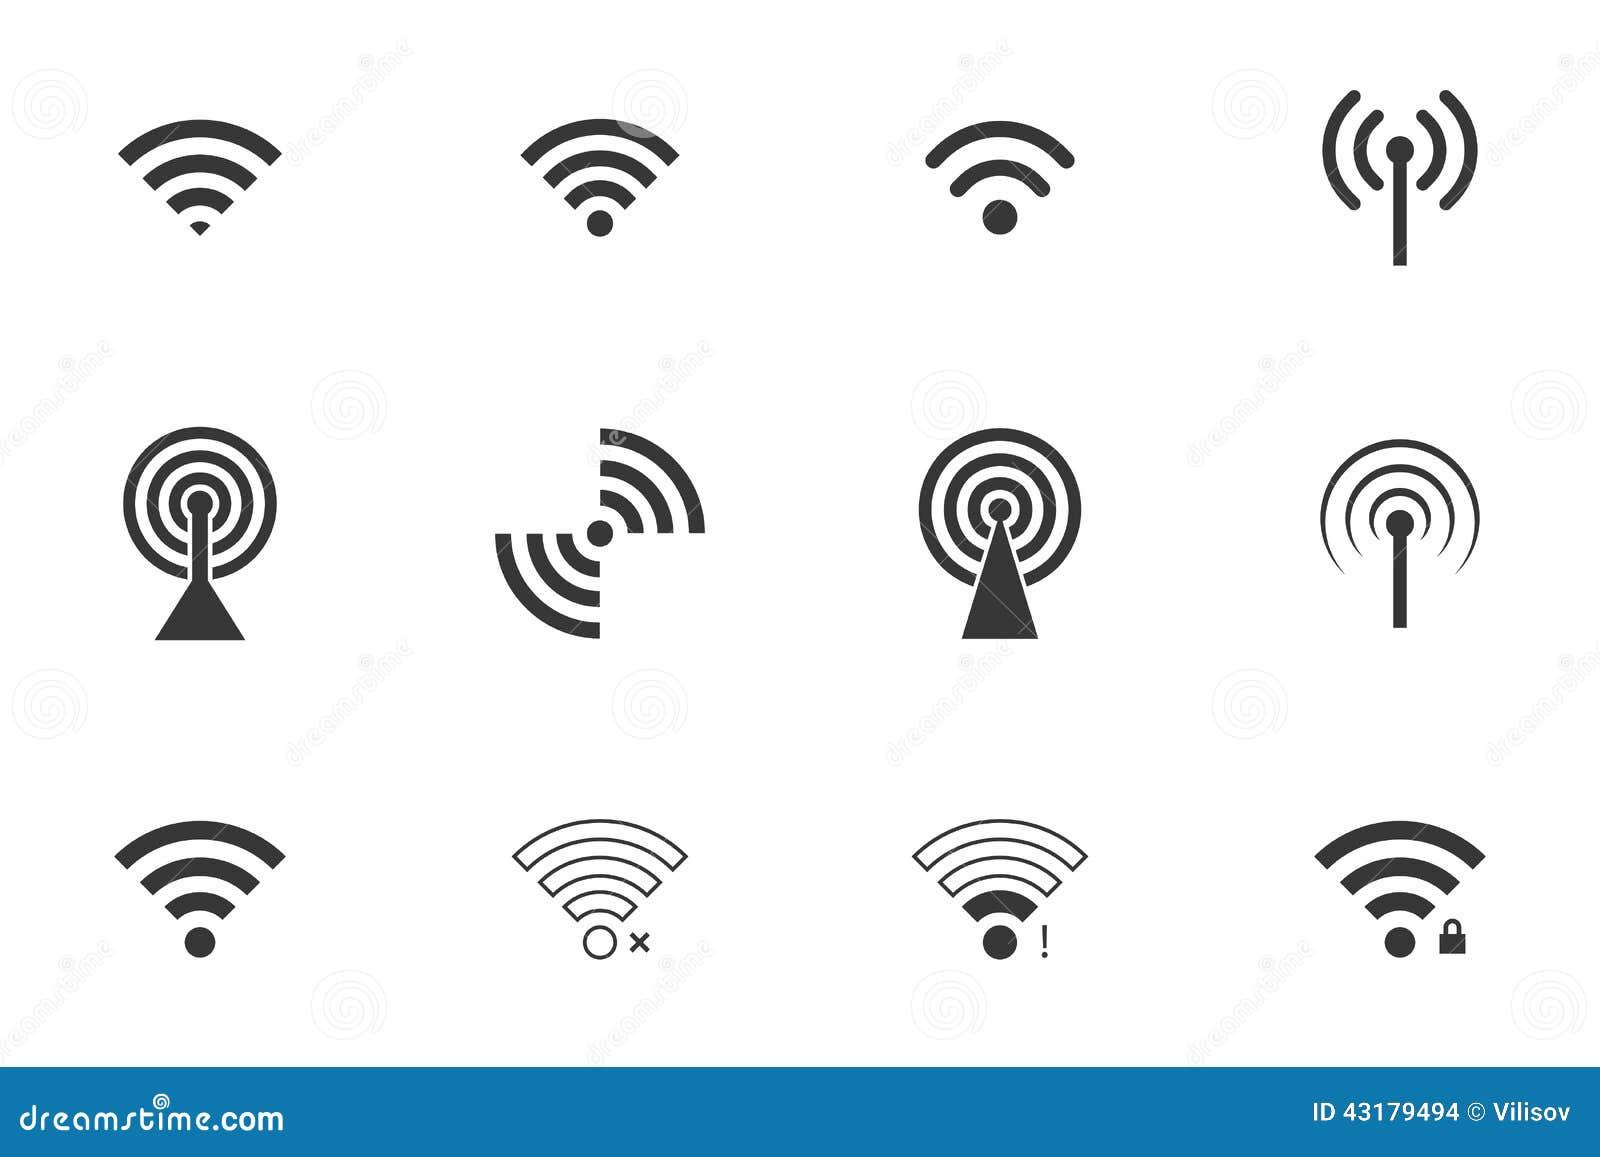 Iconos de Wifi